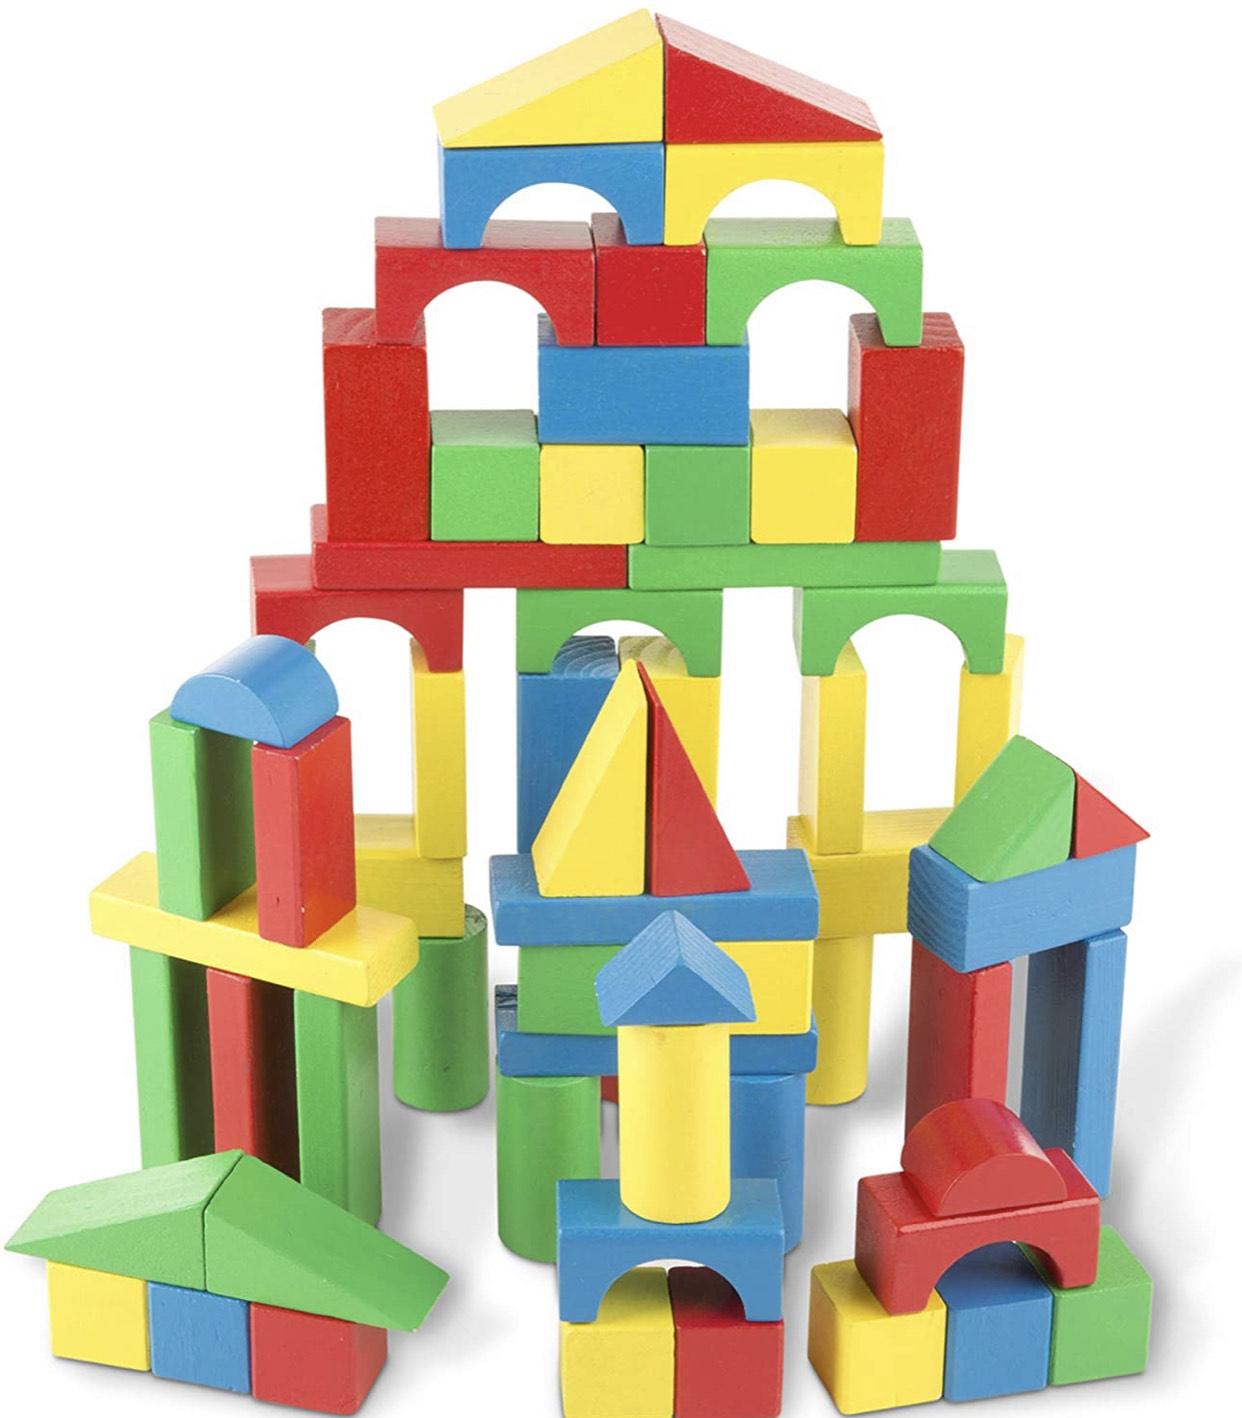 Melissa & Doug 100 wooden blocks - £9.74 (Prime) or +£4.49 Non Prime @ Amazon